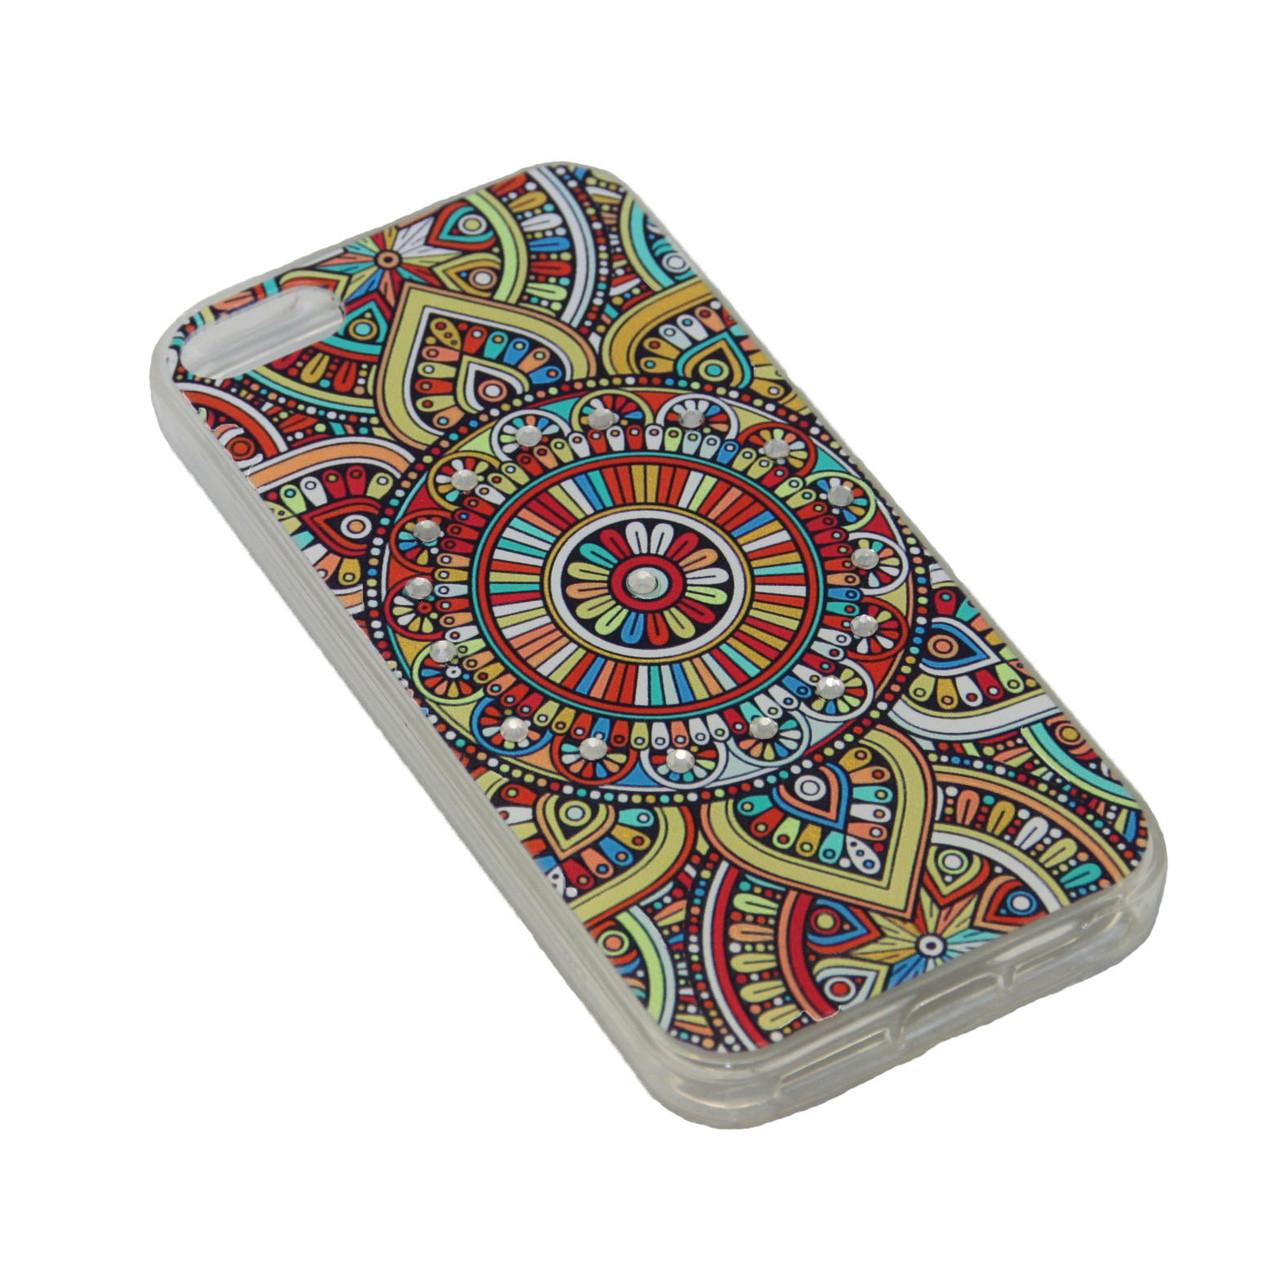 Чехол Fashion Силикон Стразы iPhone 7 Plus - фото 6